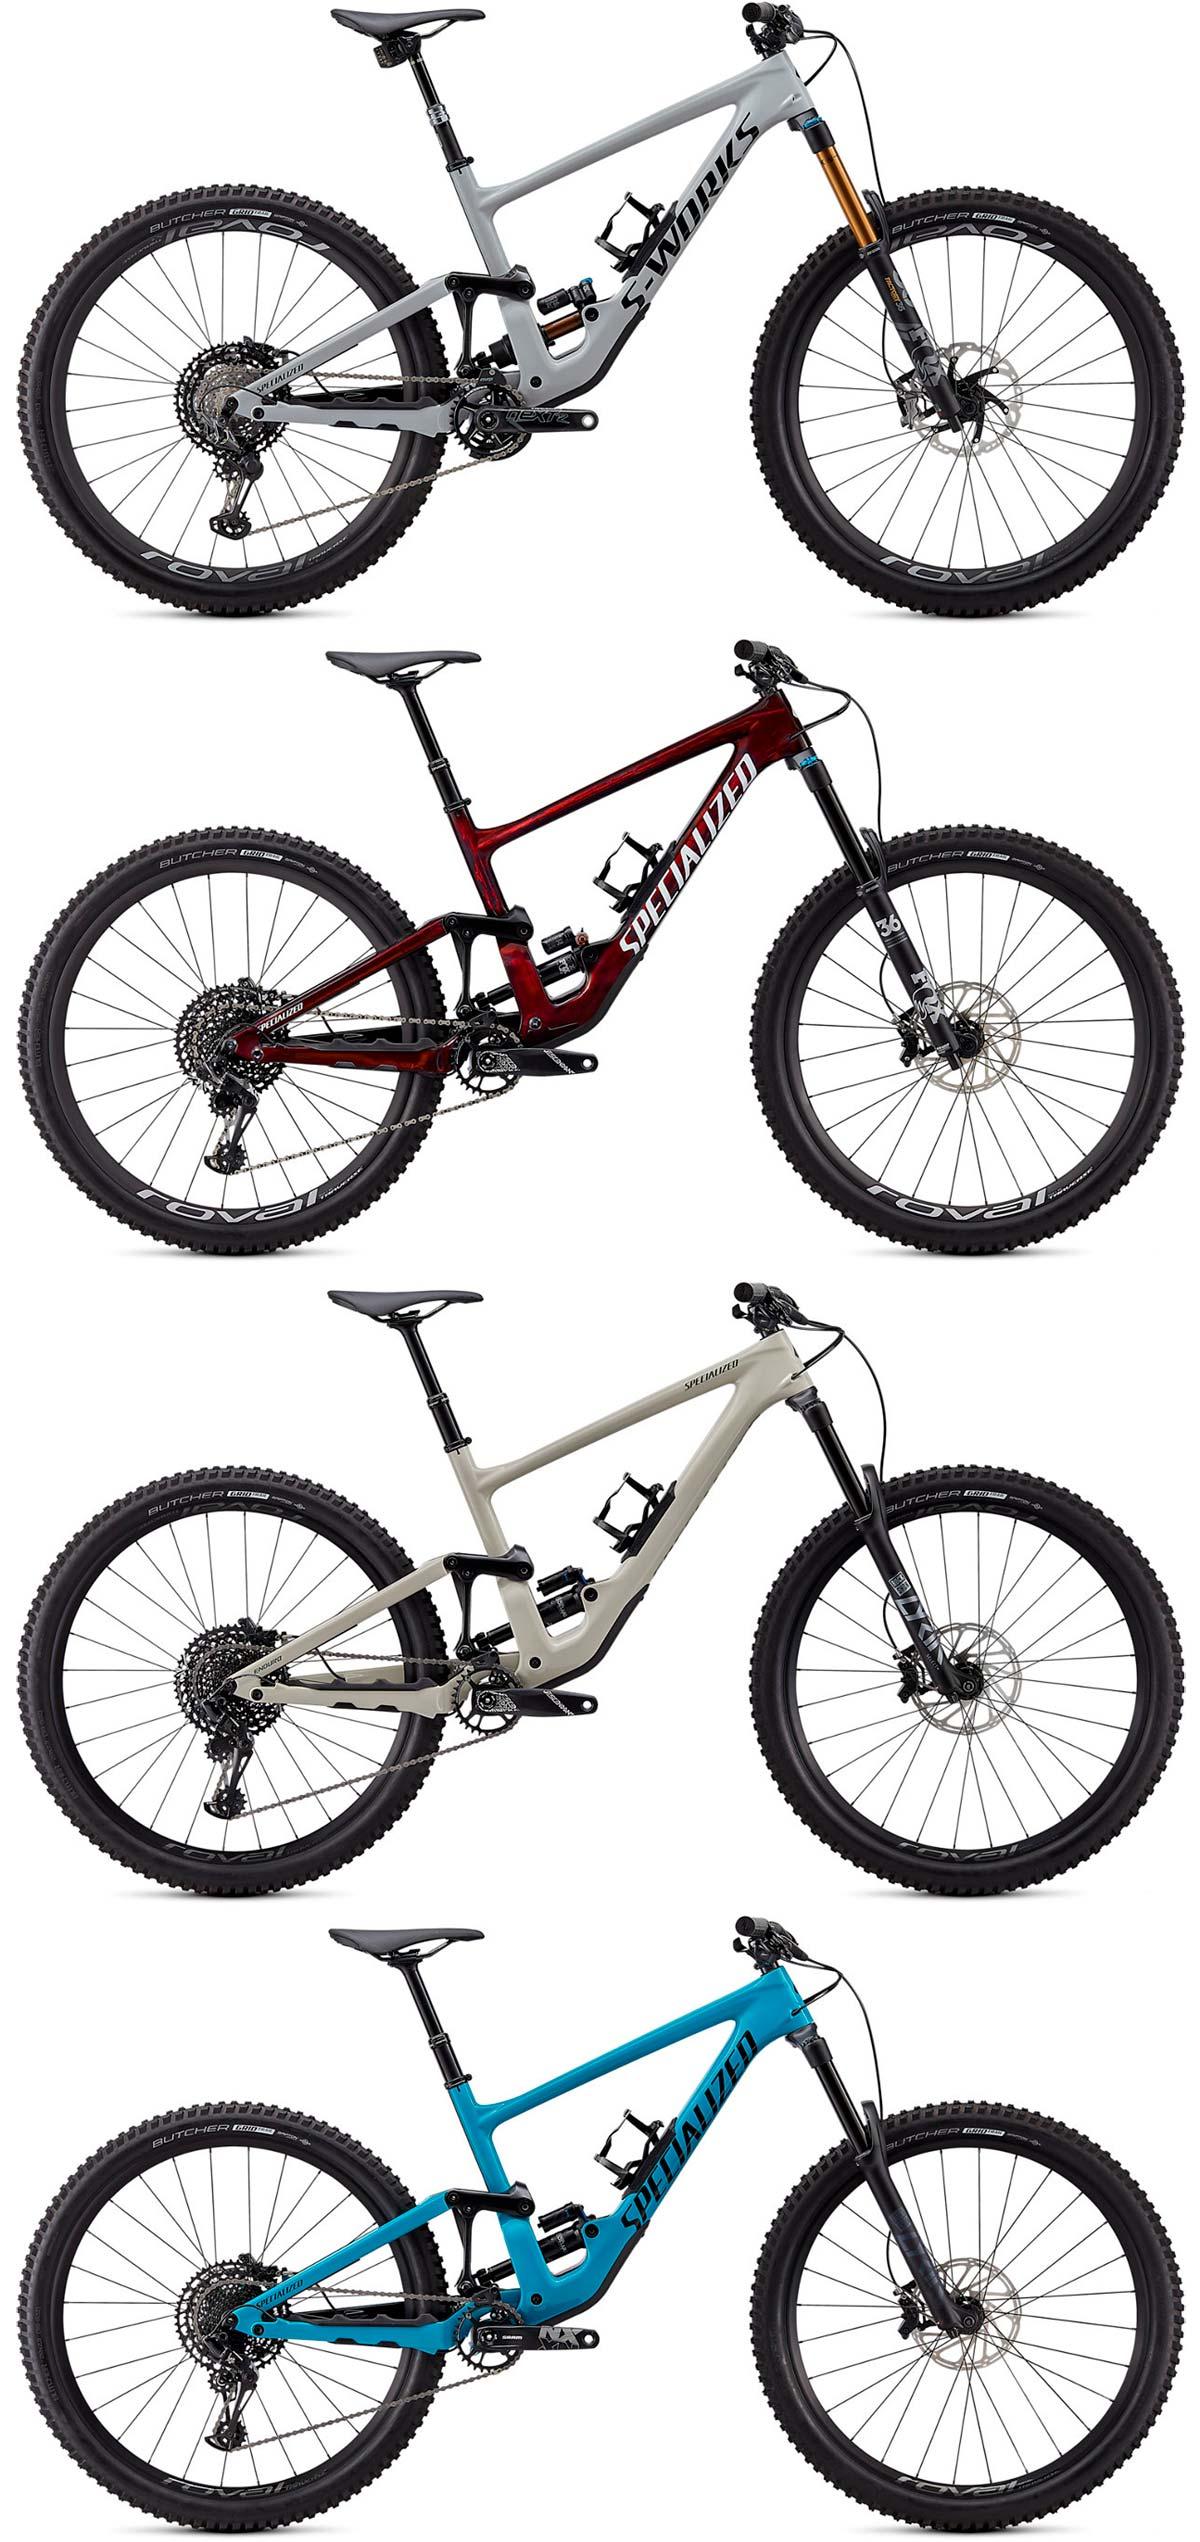 La Specialized Enduro de 2020 es una bici más rápida, más precisa y más polivalente